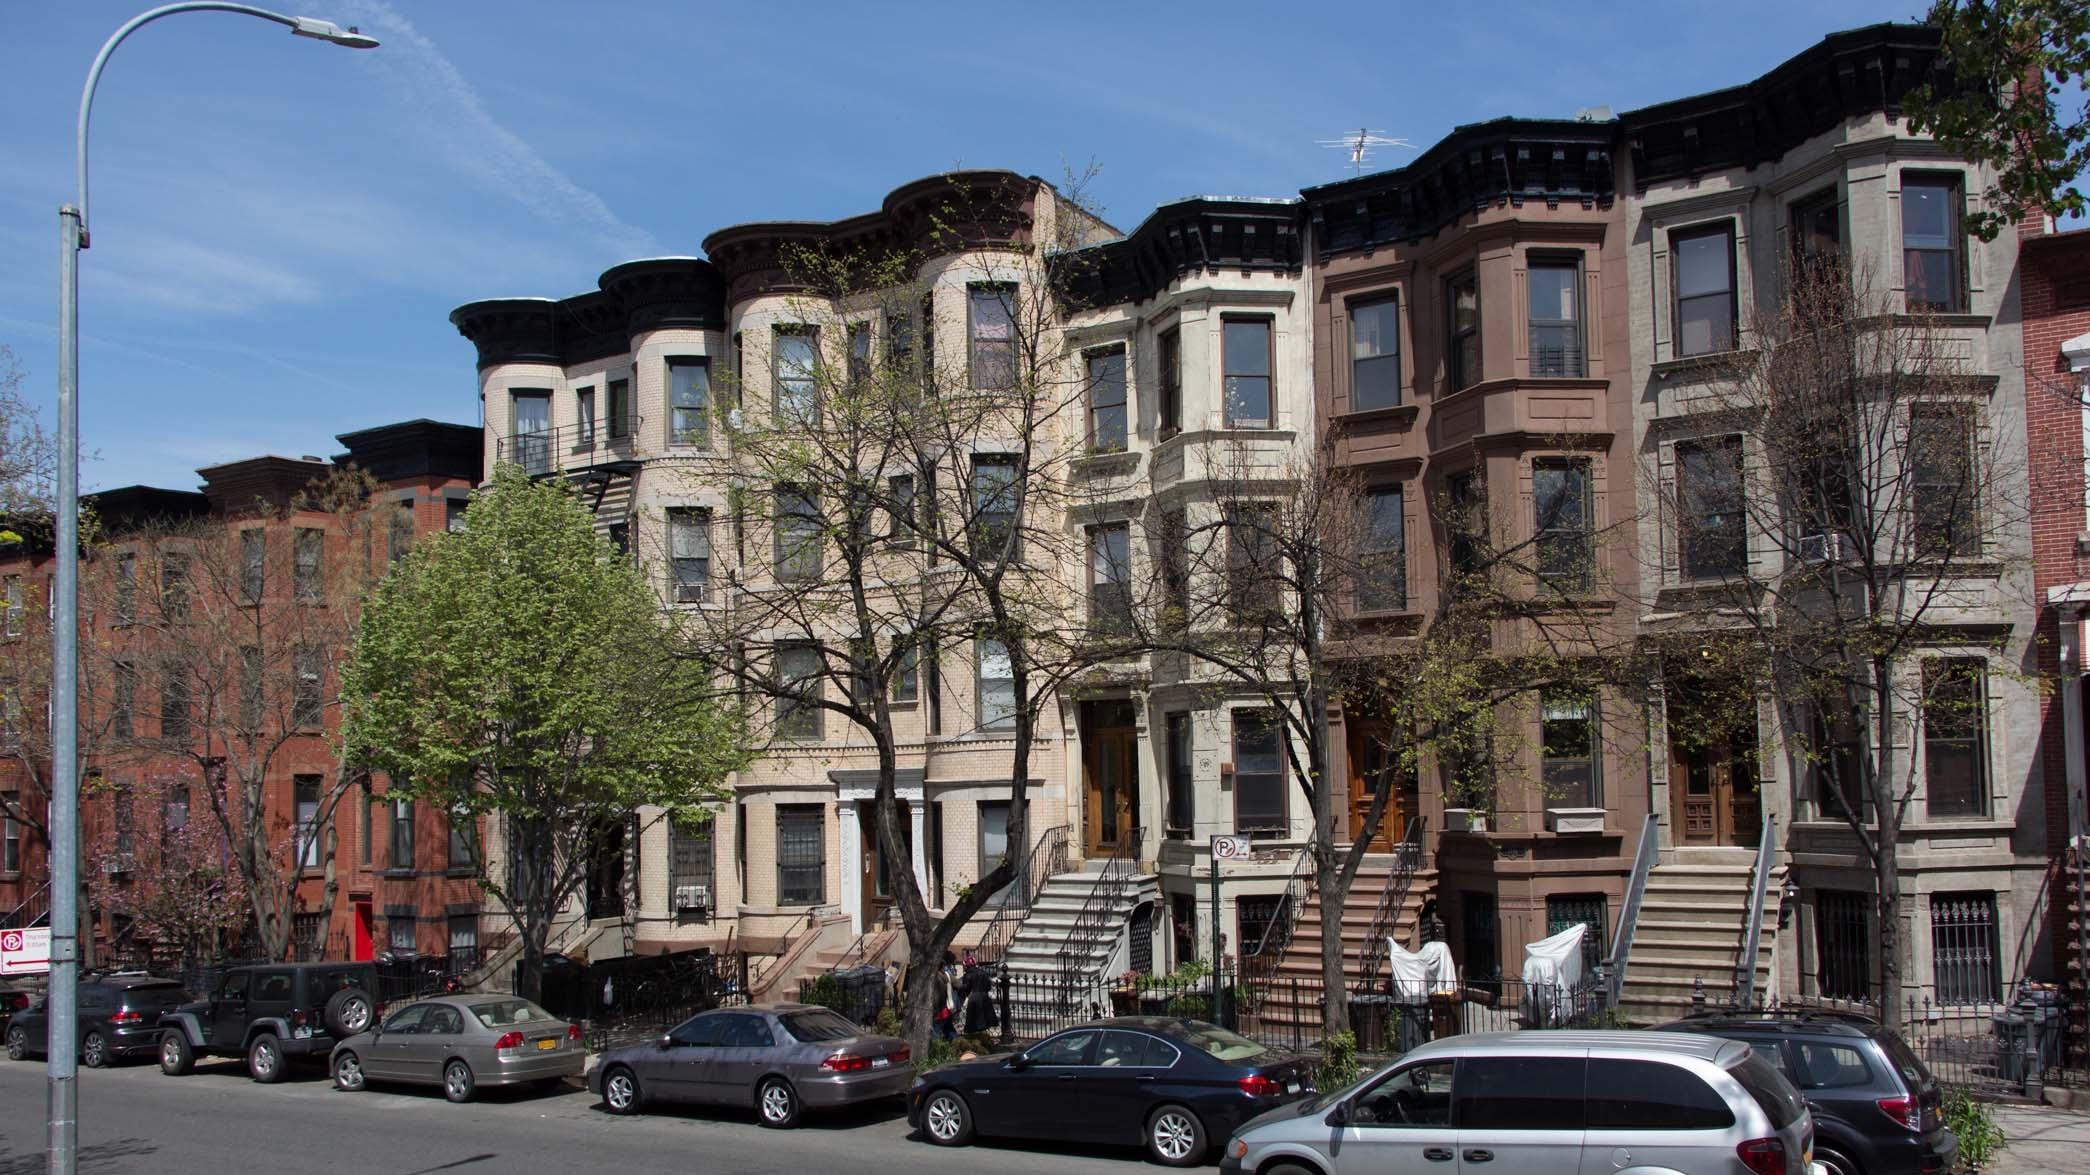 Brownstones in Park Slope, Brooklyn